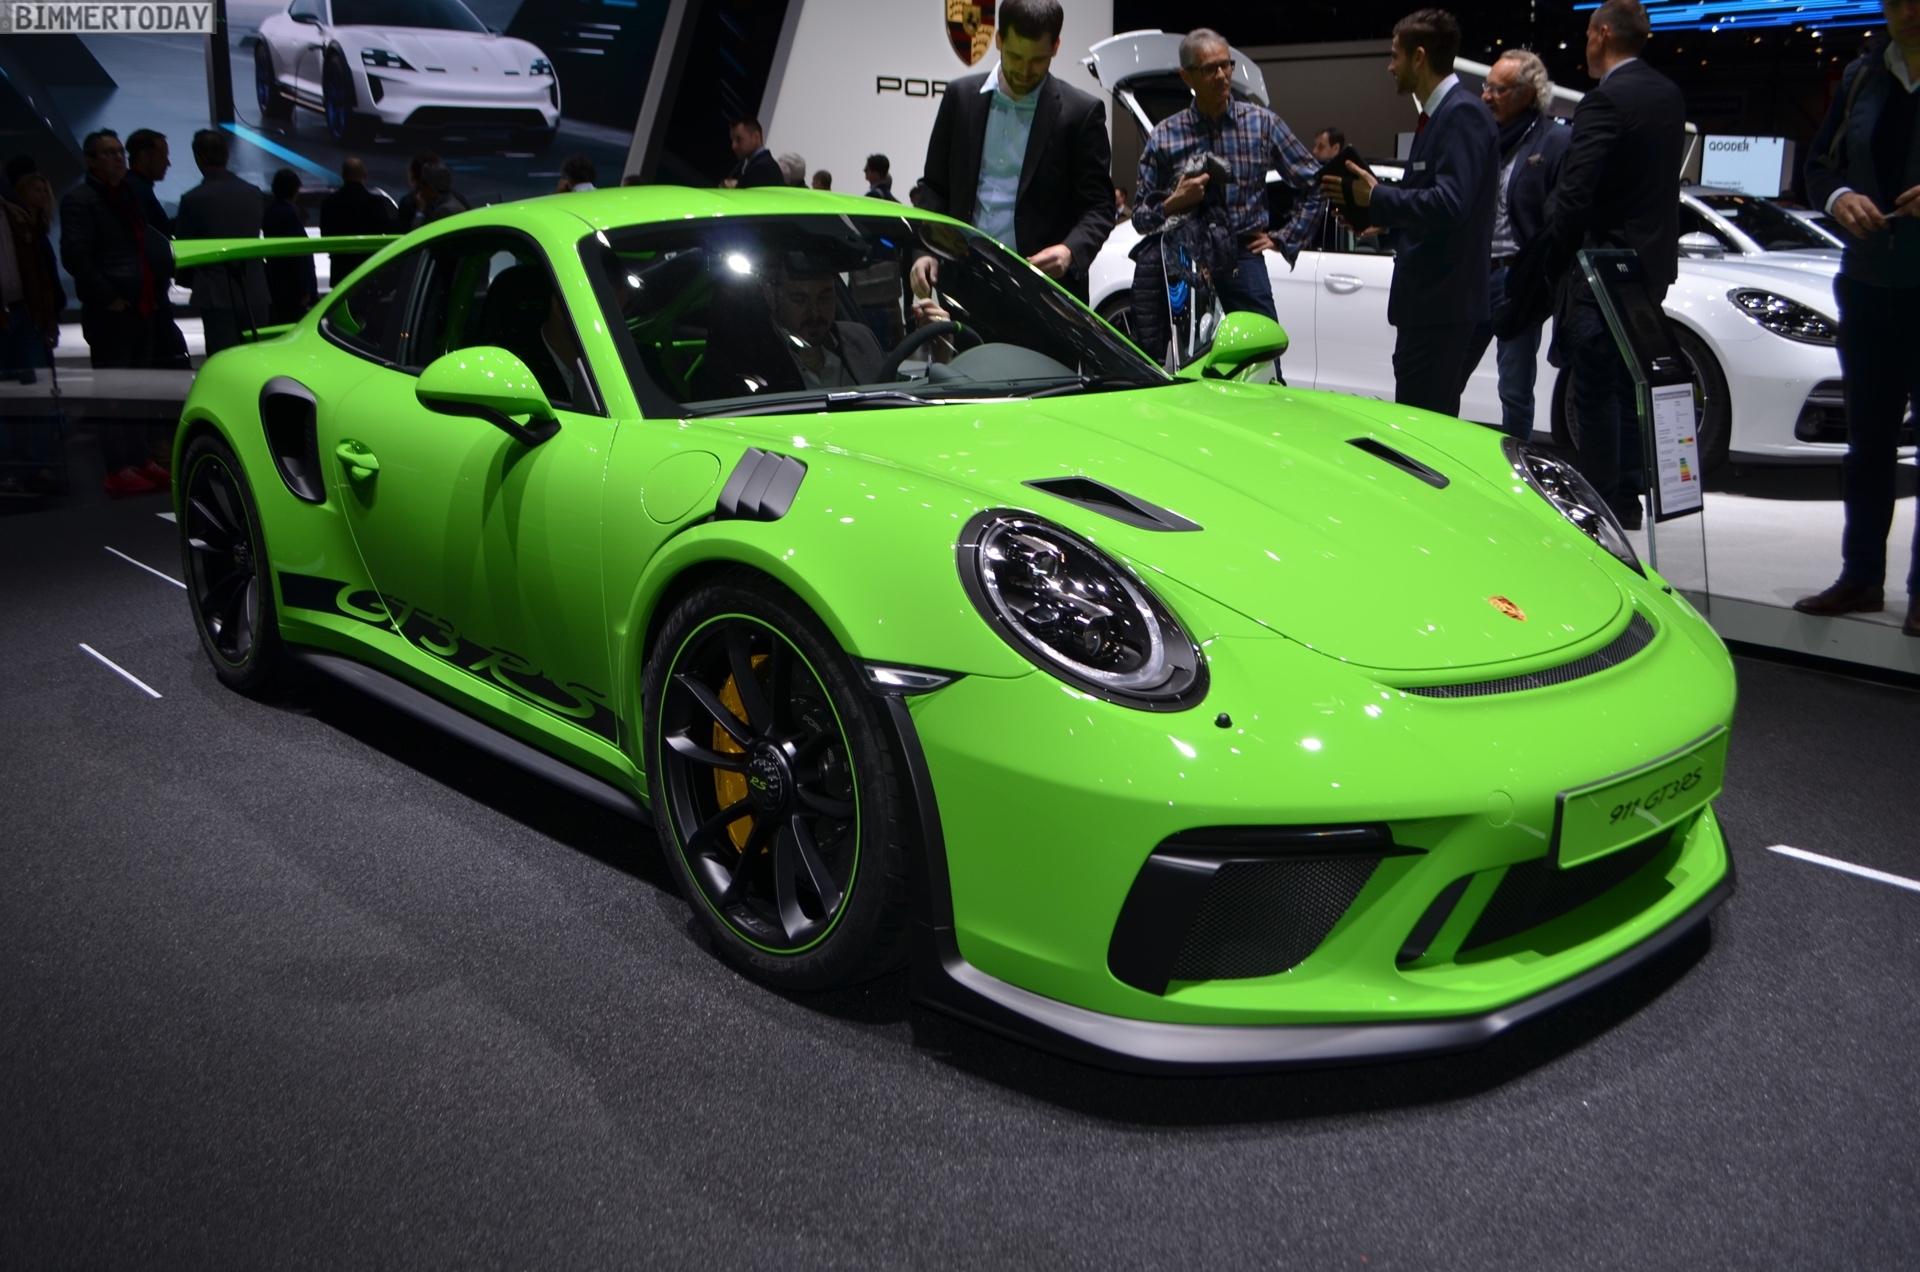 Genf 2018 Live Fotos Vom Porsche 911 Gt3 Rs 991 2